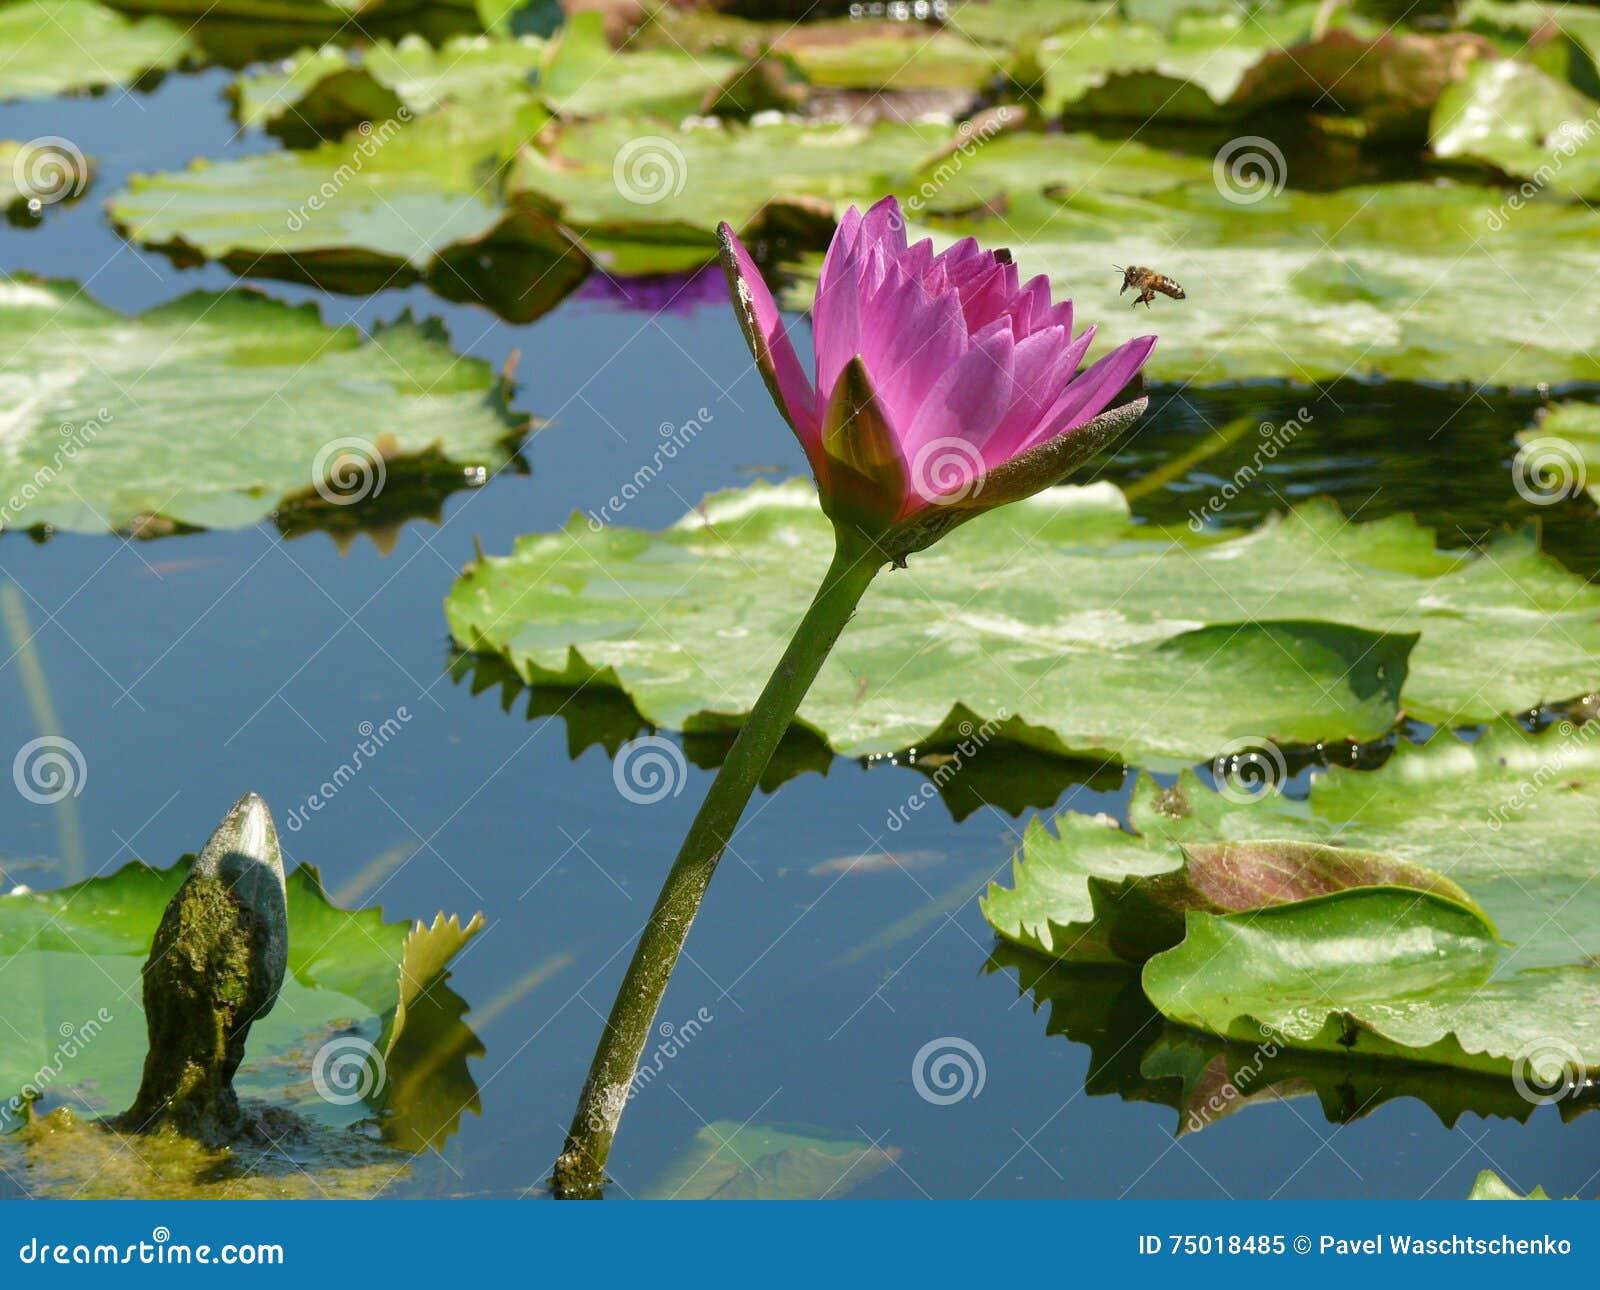 Violet lily in de vijver op een heldere zonnige dag violette